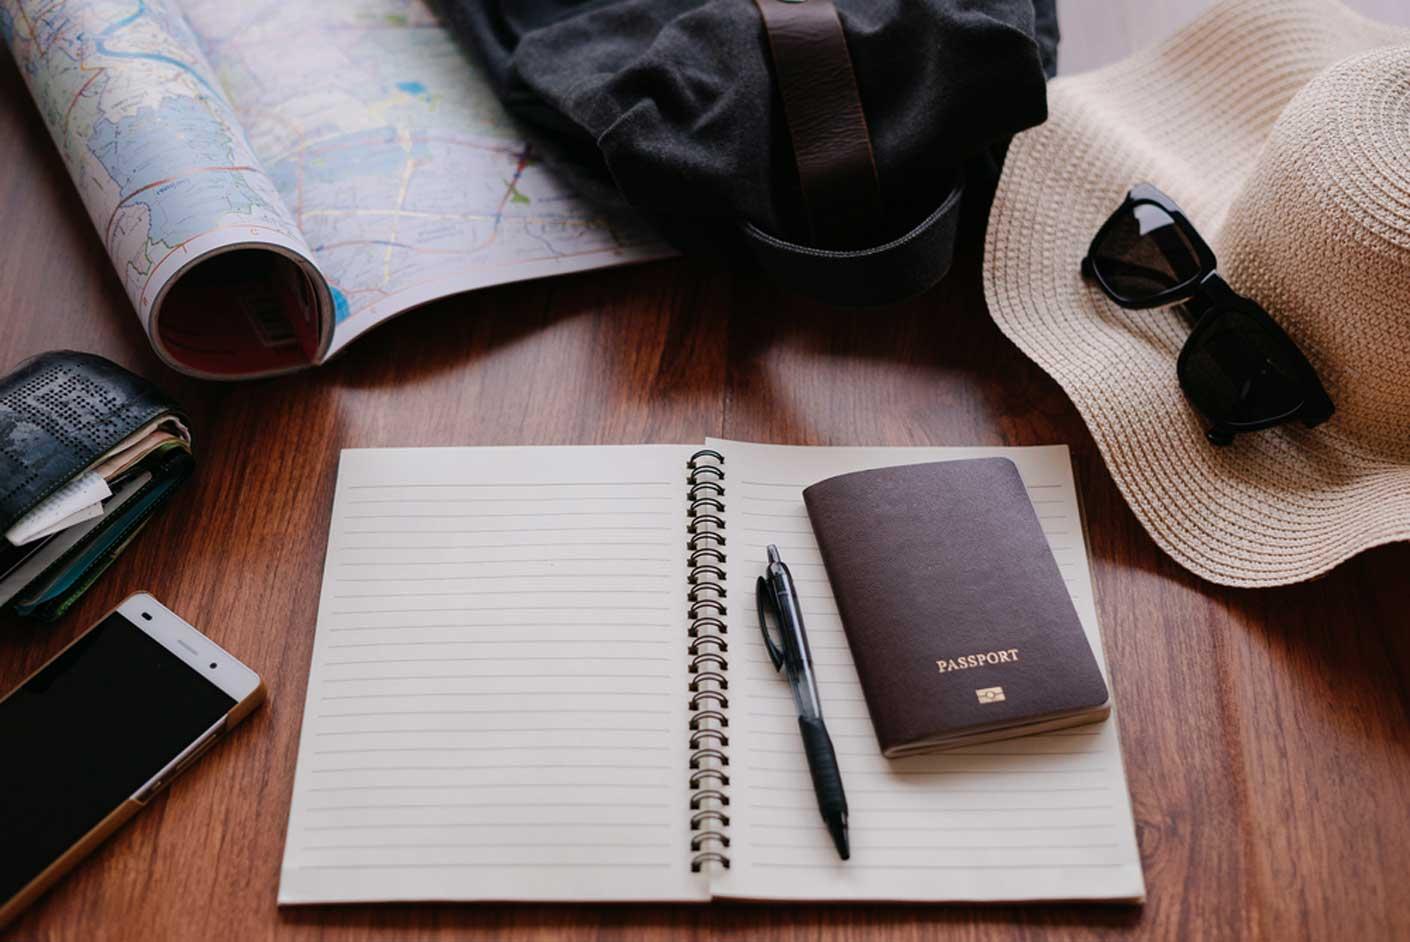 Work an Travel Organisation - worauf muss man achten?